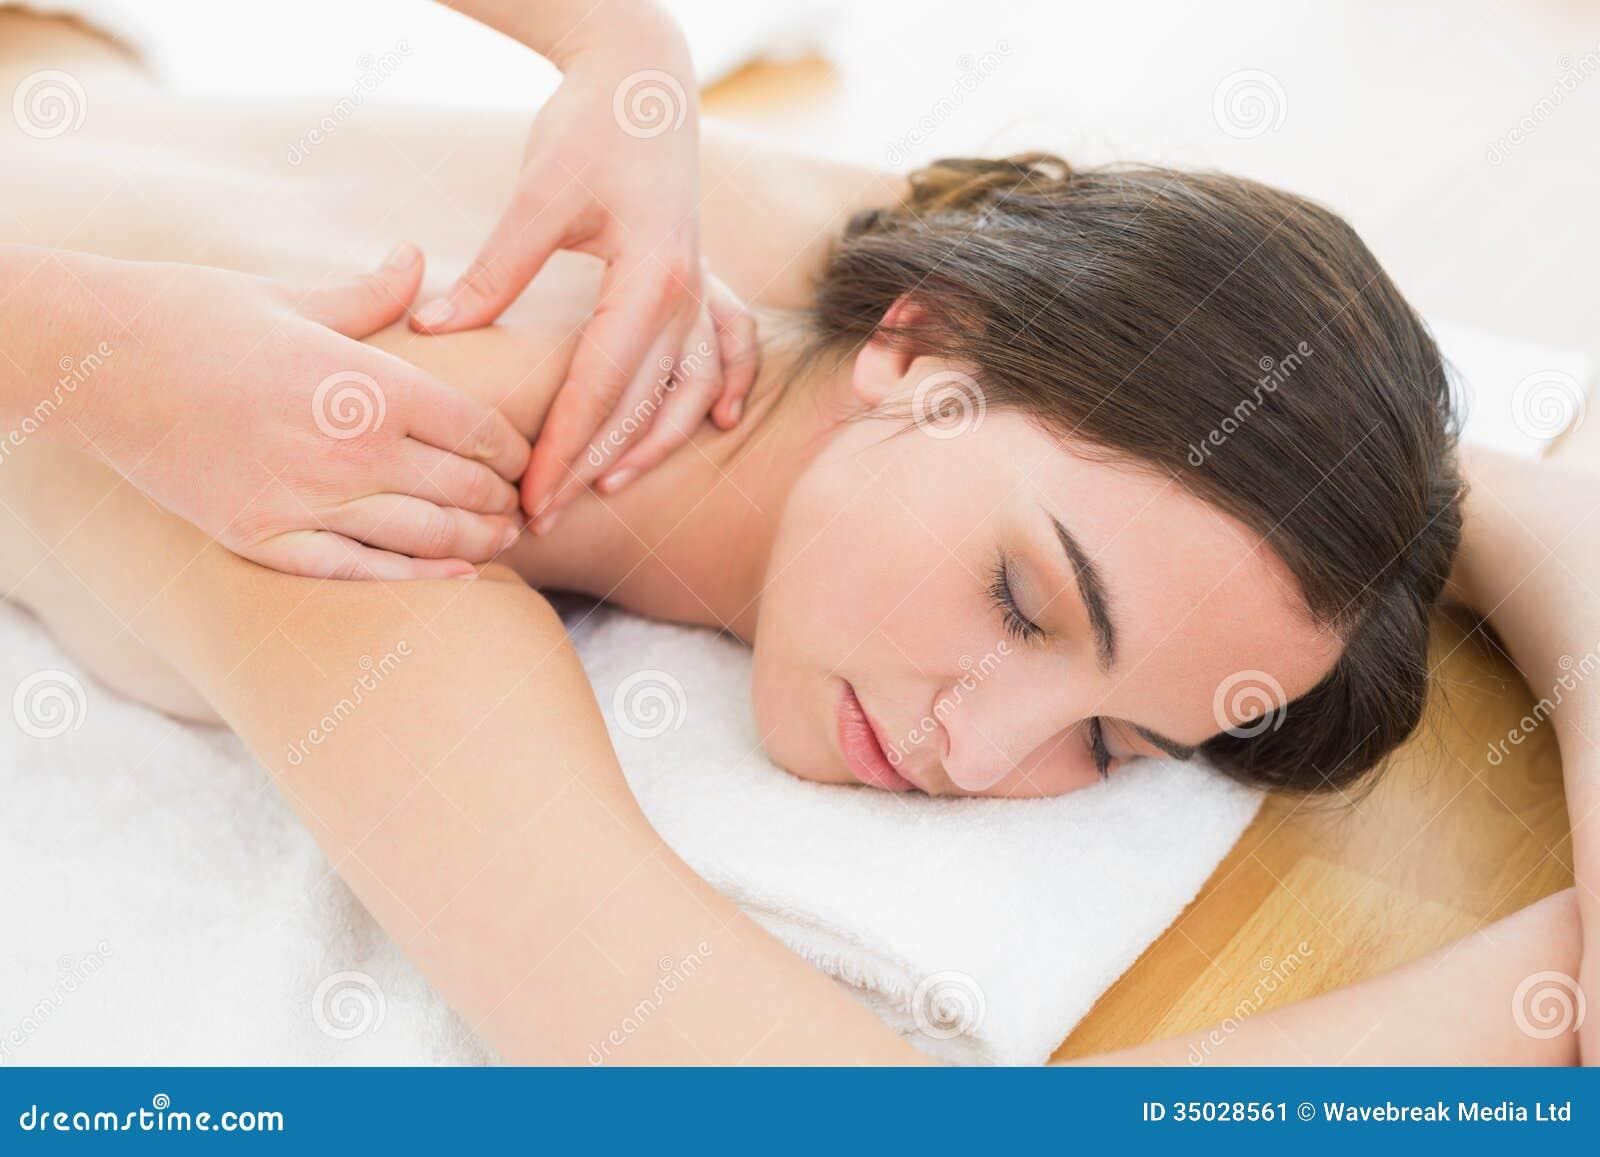 erotische massage barendrecht mooie vrouwen afbeeldingen